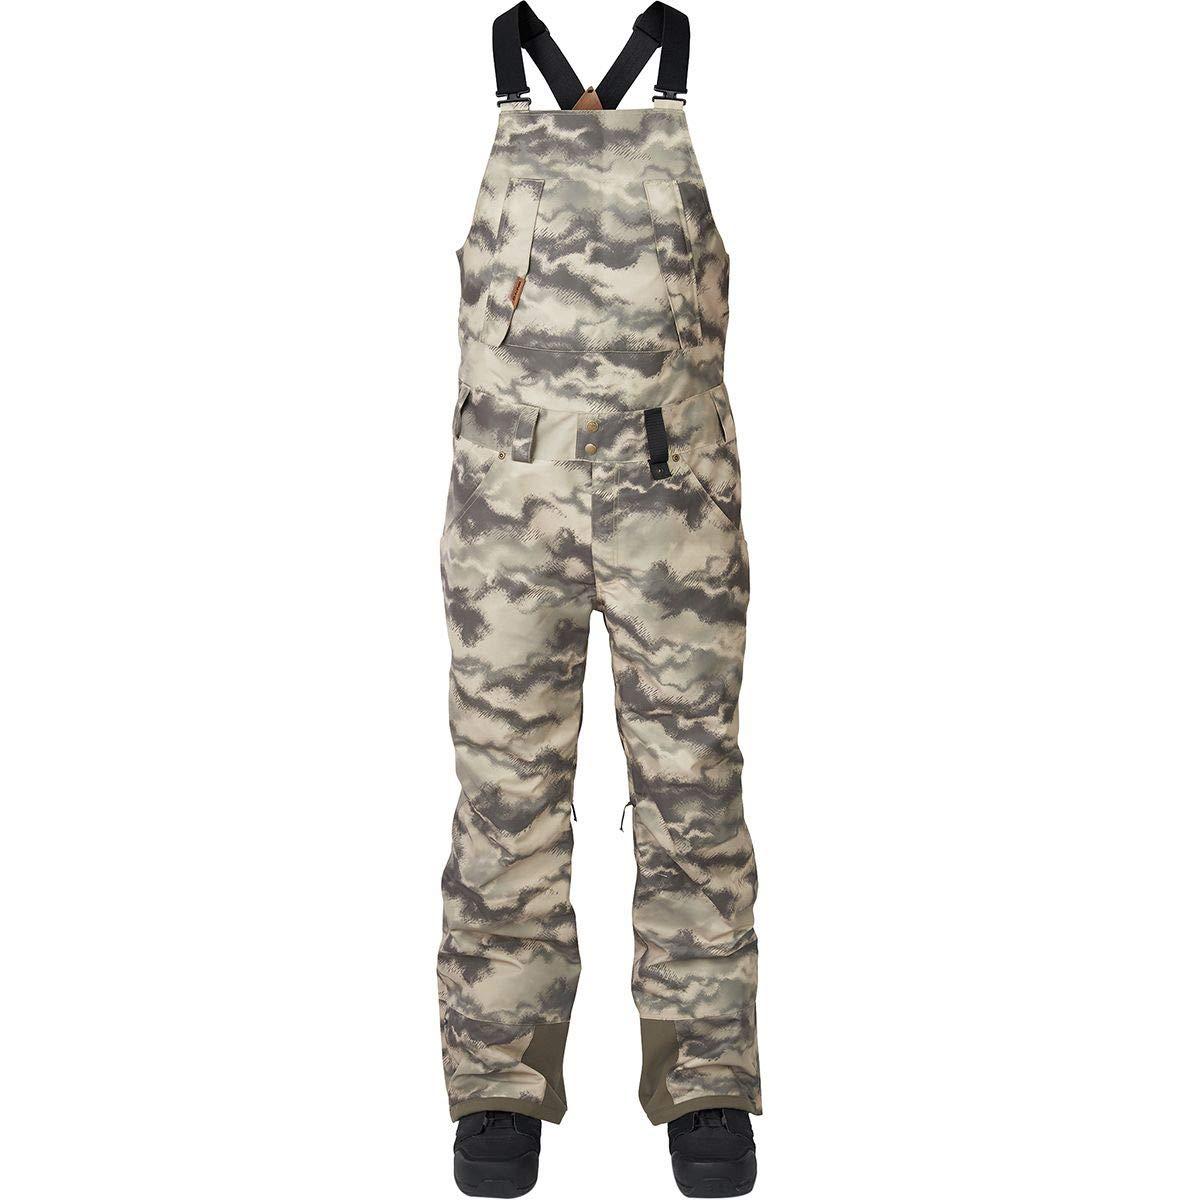 Dakine Mens Wyeast Bib Waterproof Pants